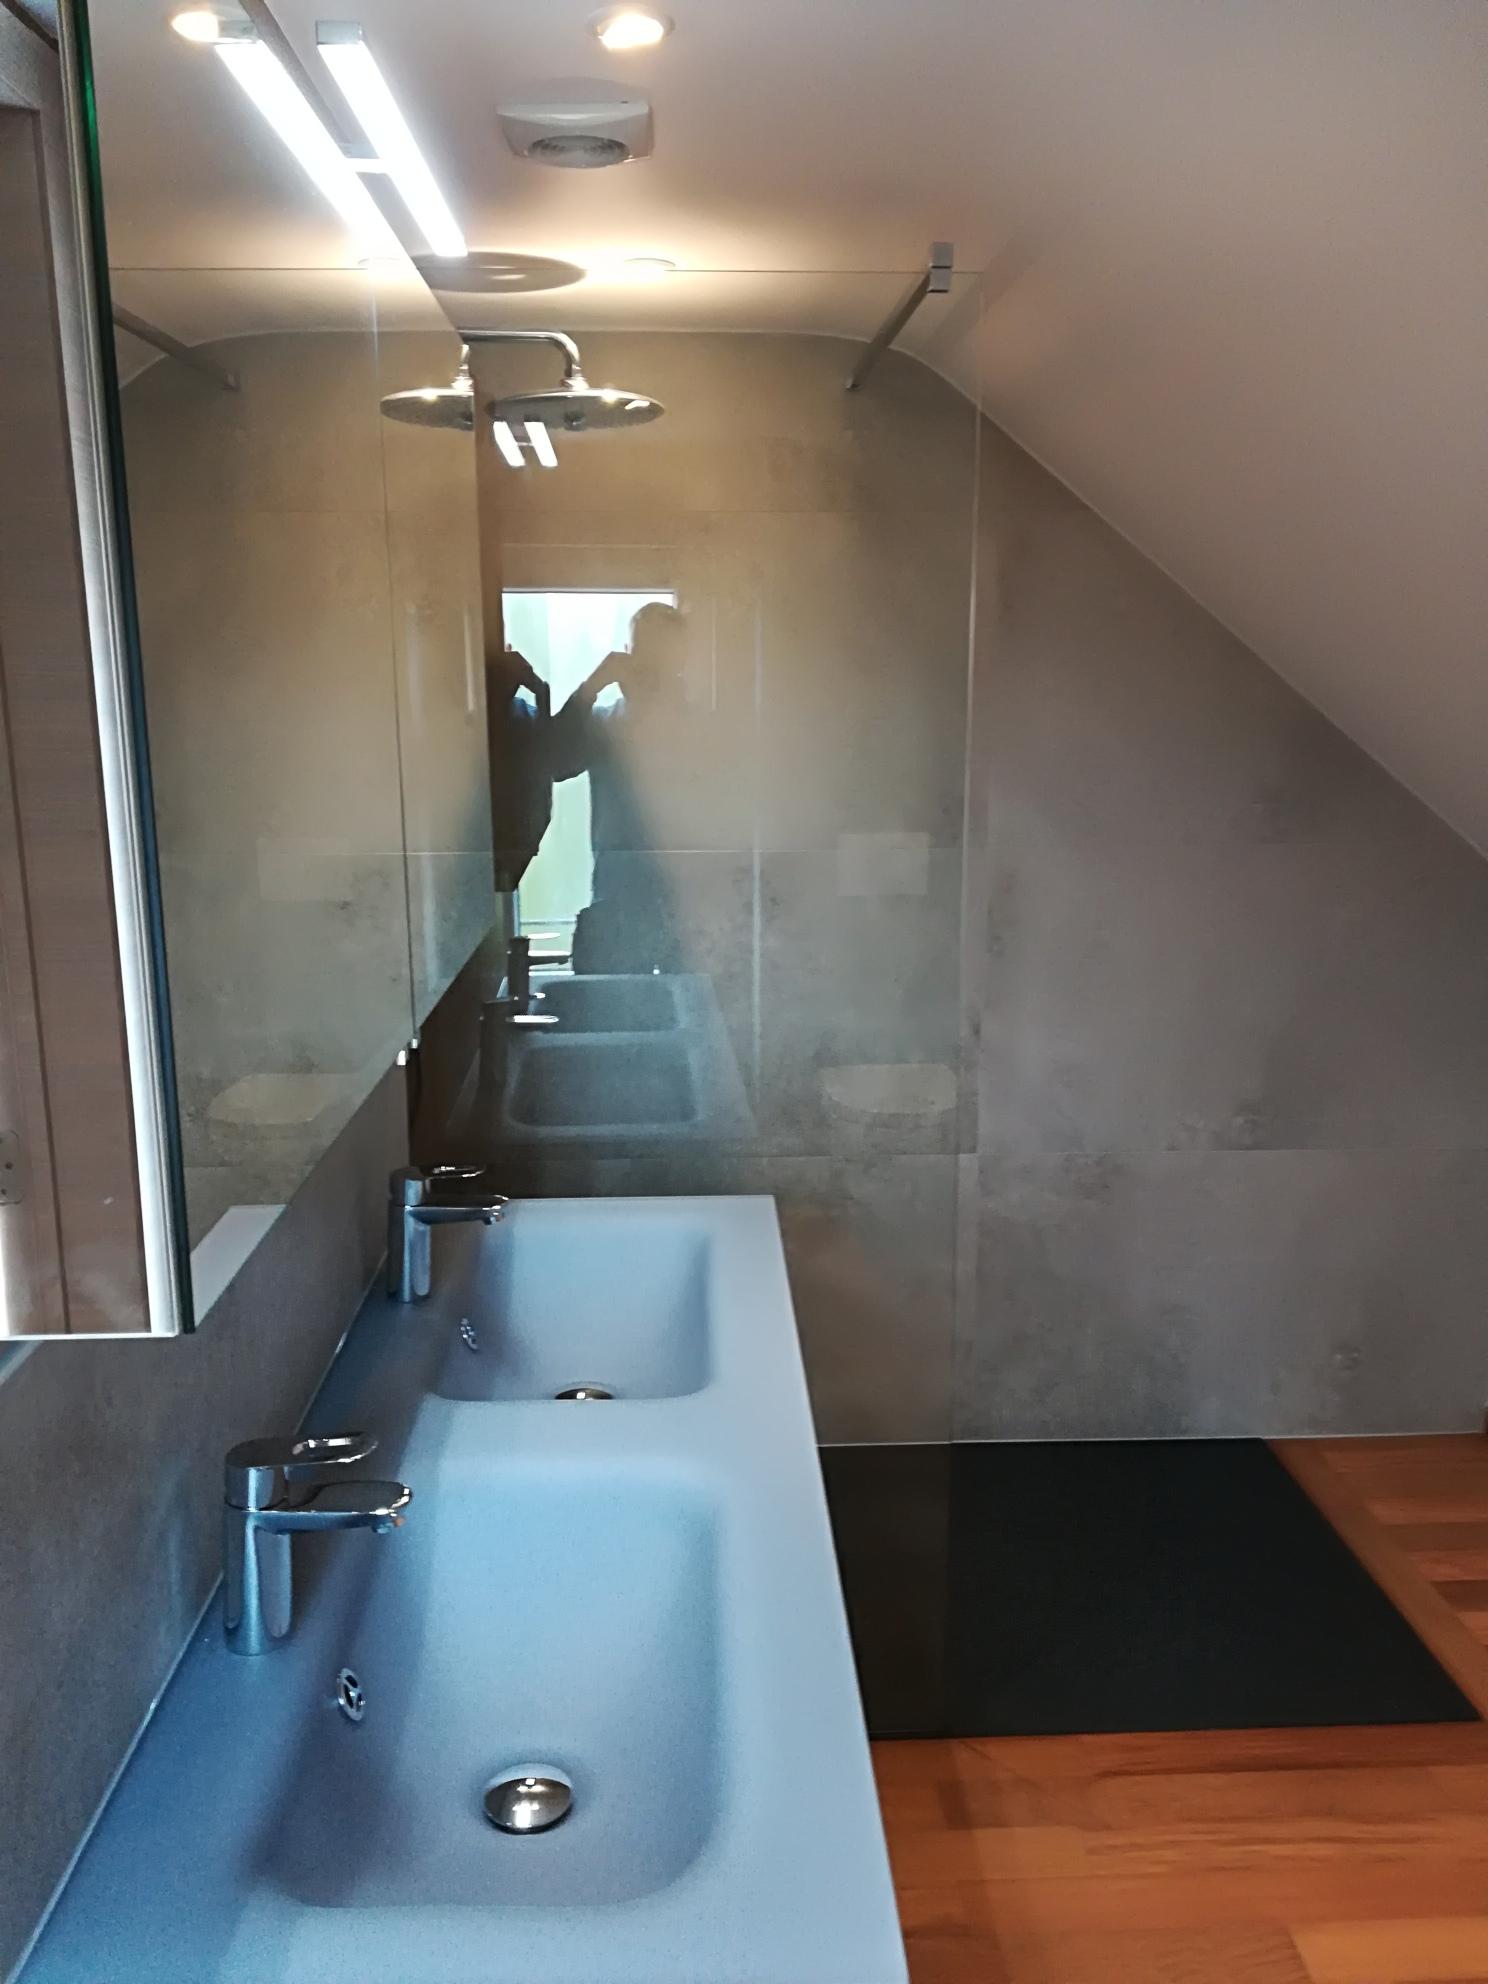 Nouvelle Salle De Bain 2018 aménagement d'une nouvelle salle de bain – verbrugge